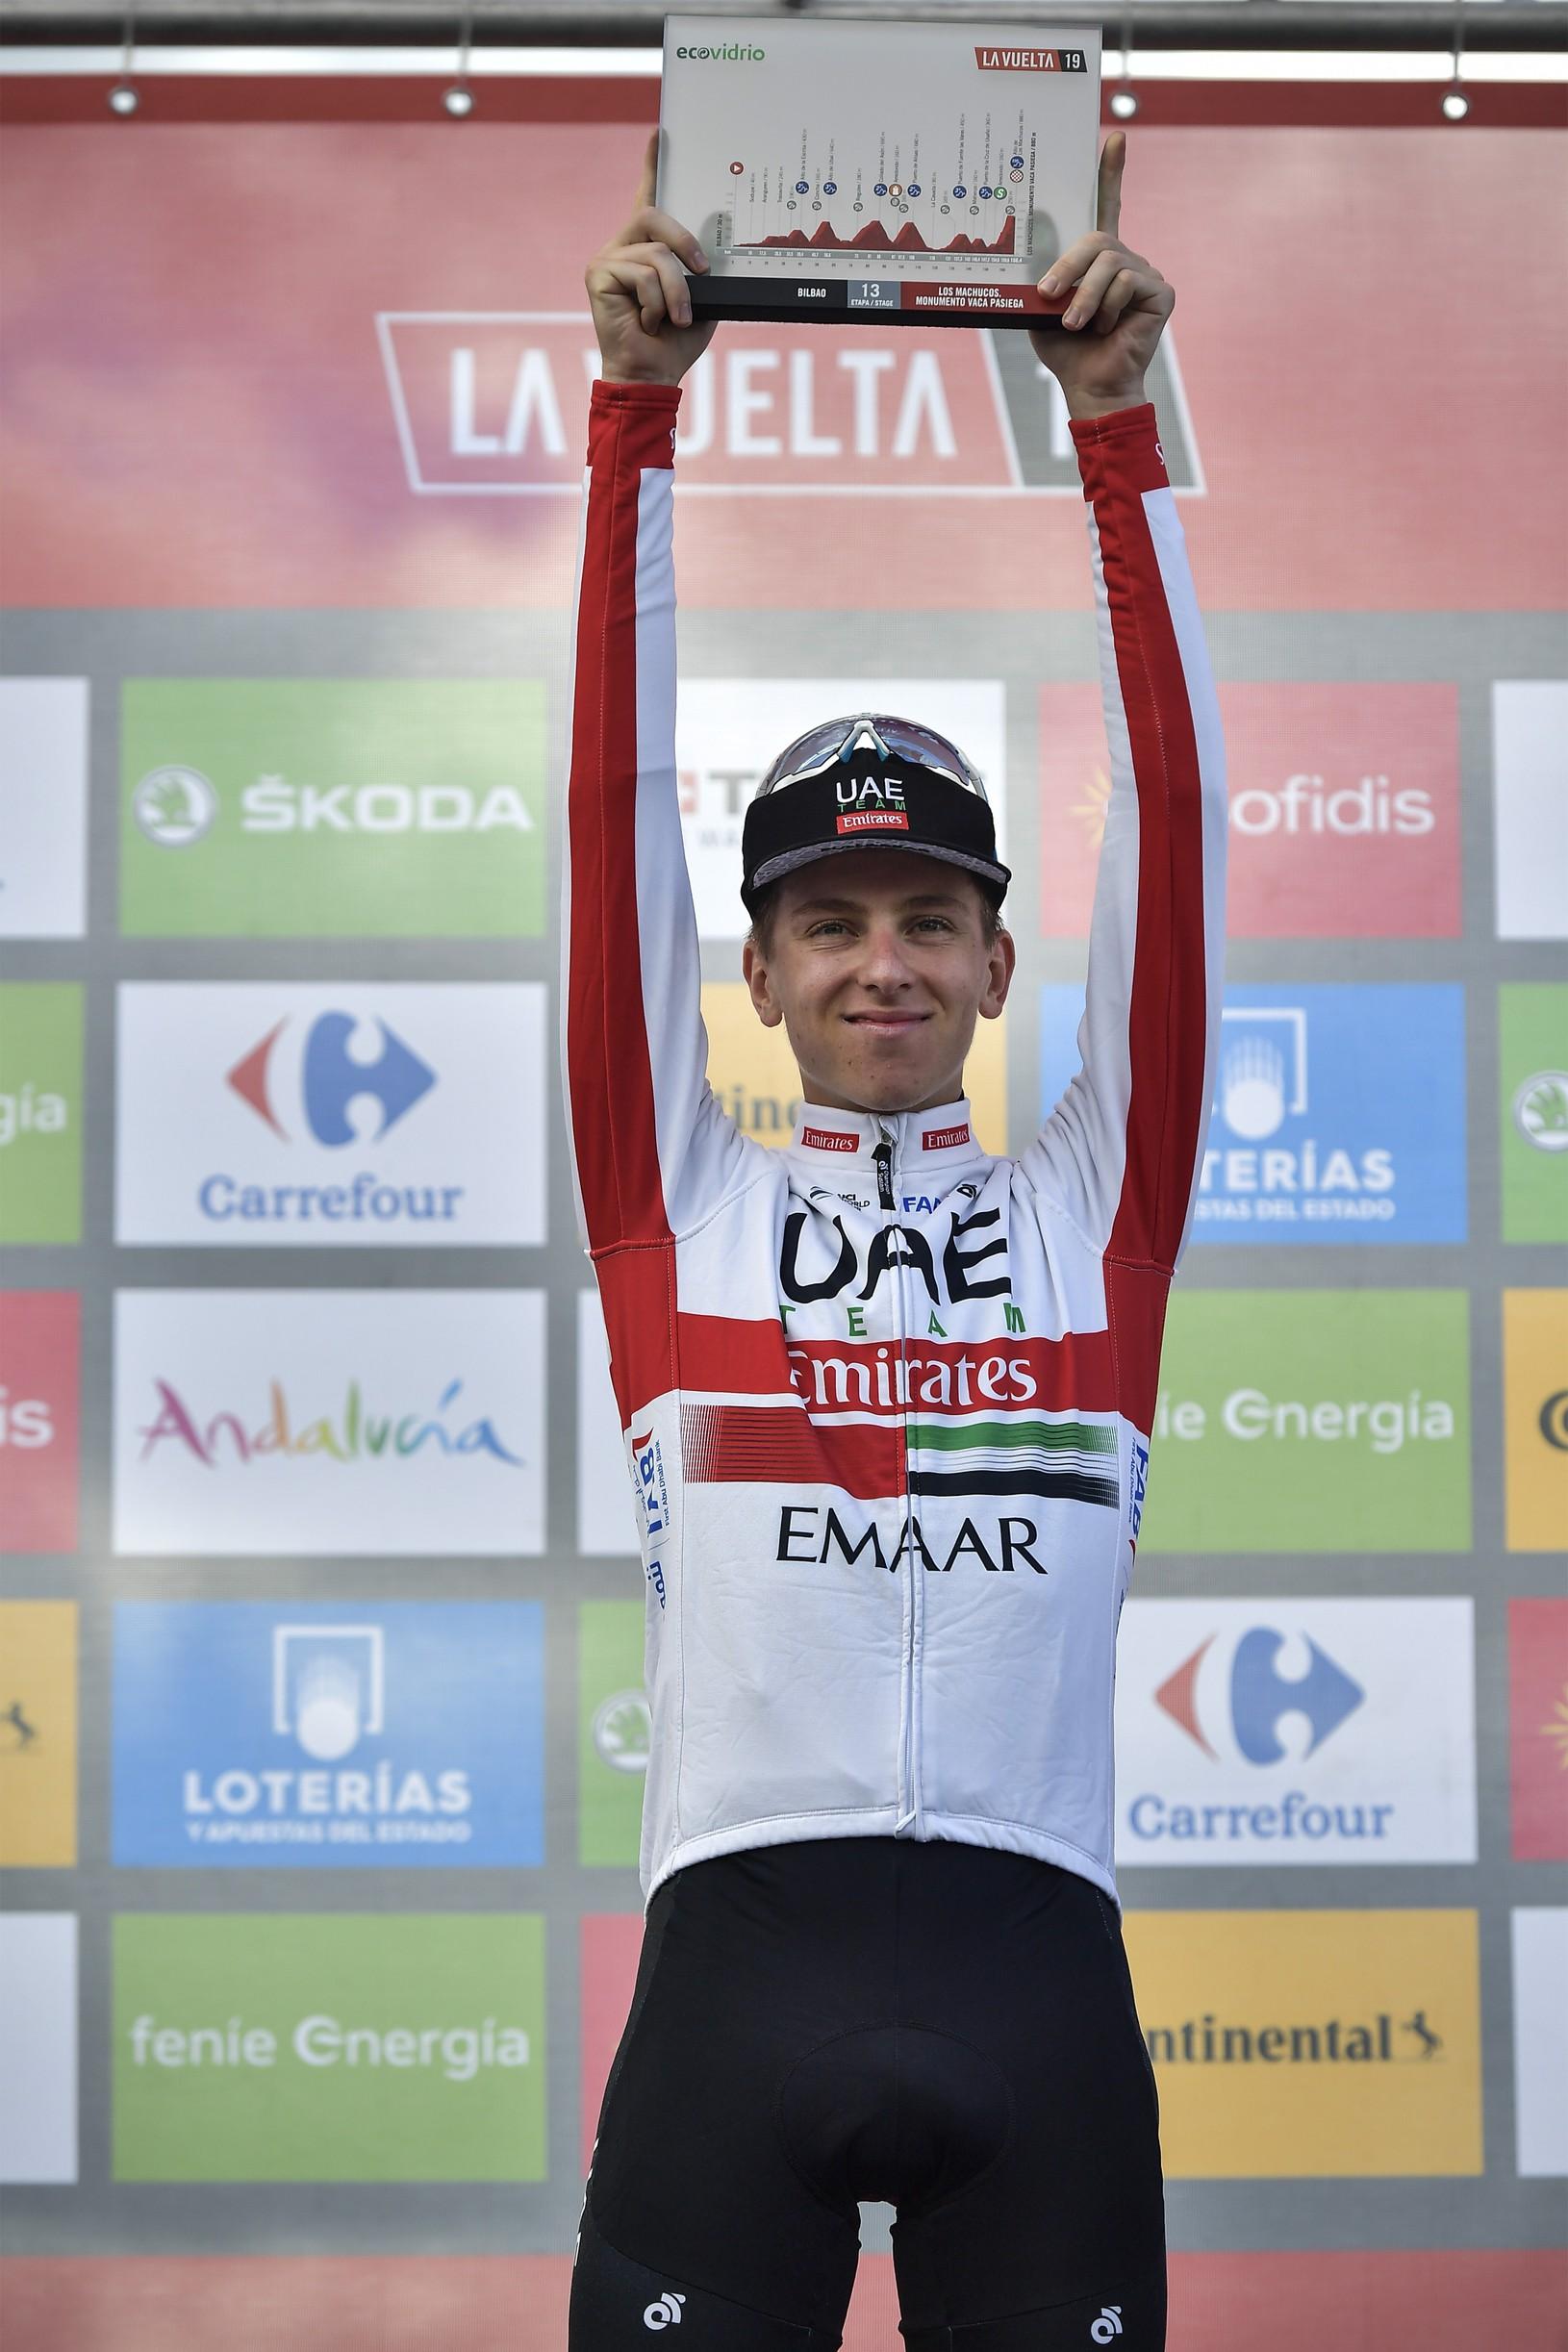 Slovinský cyklista Tadej Pogačar